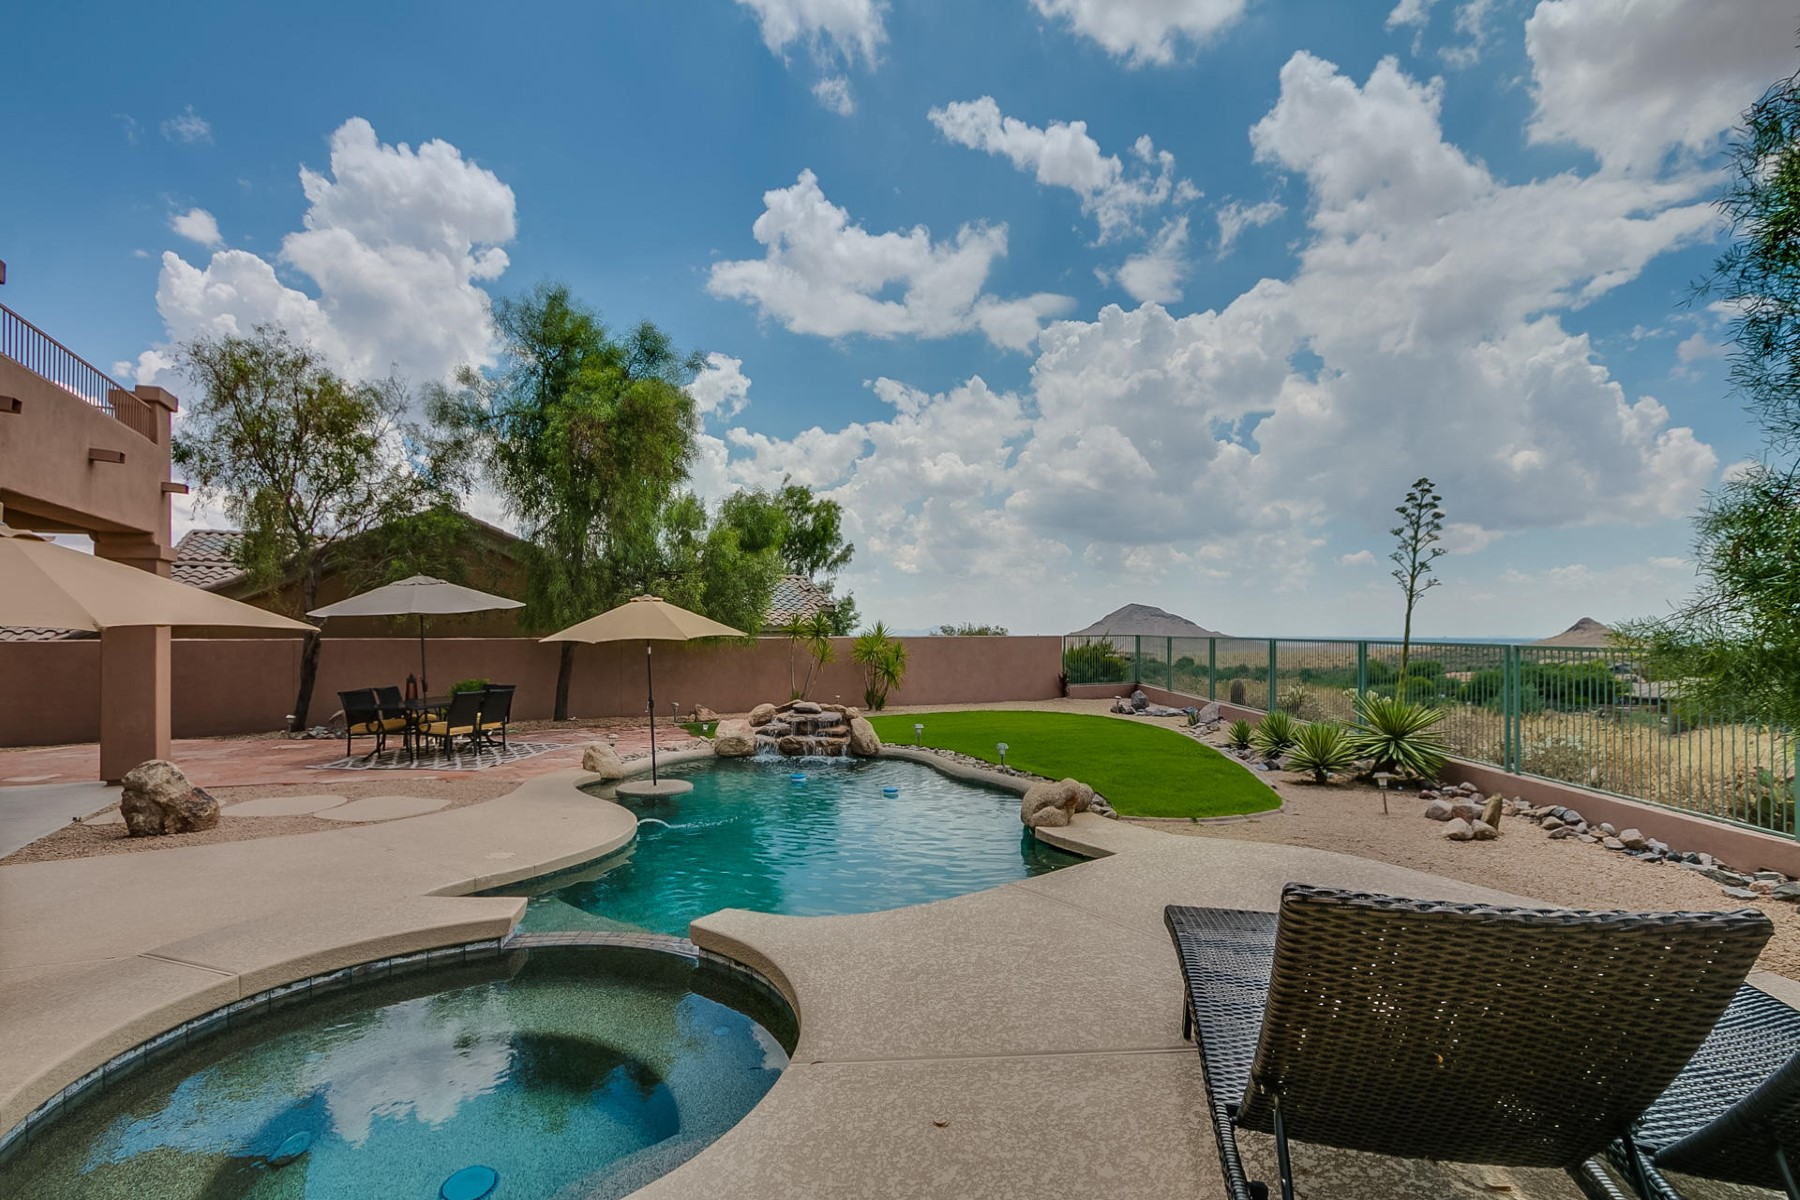 独户住宅 为 出租 在 Gorgeous fully upgraded home in coveted Eagle Mountain 9608 N Indigo Hills Dr Fountain Hills, 亚利桑那州, 85268 美国